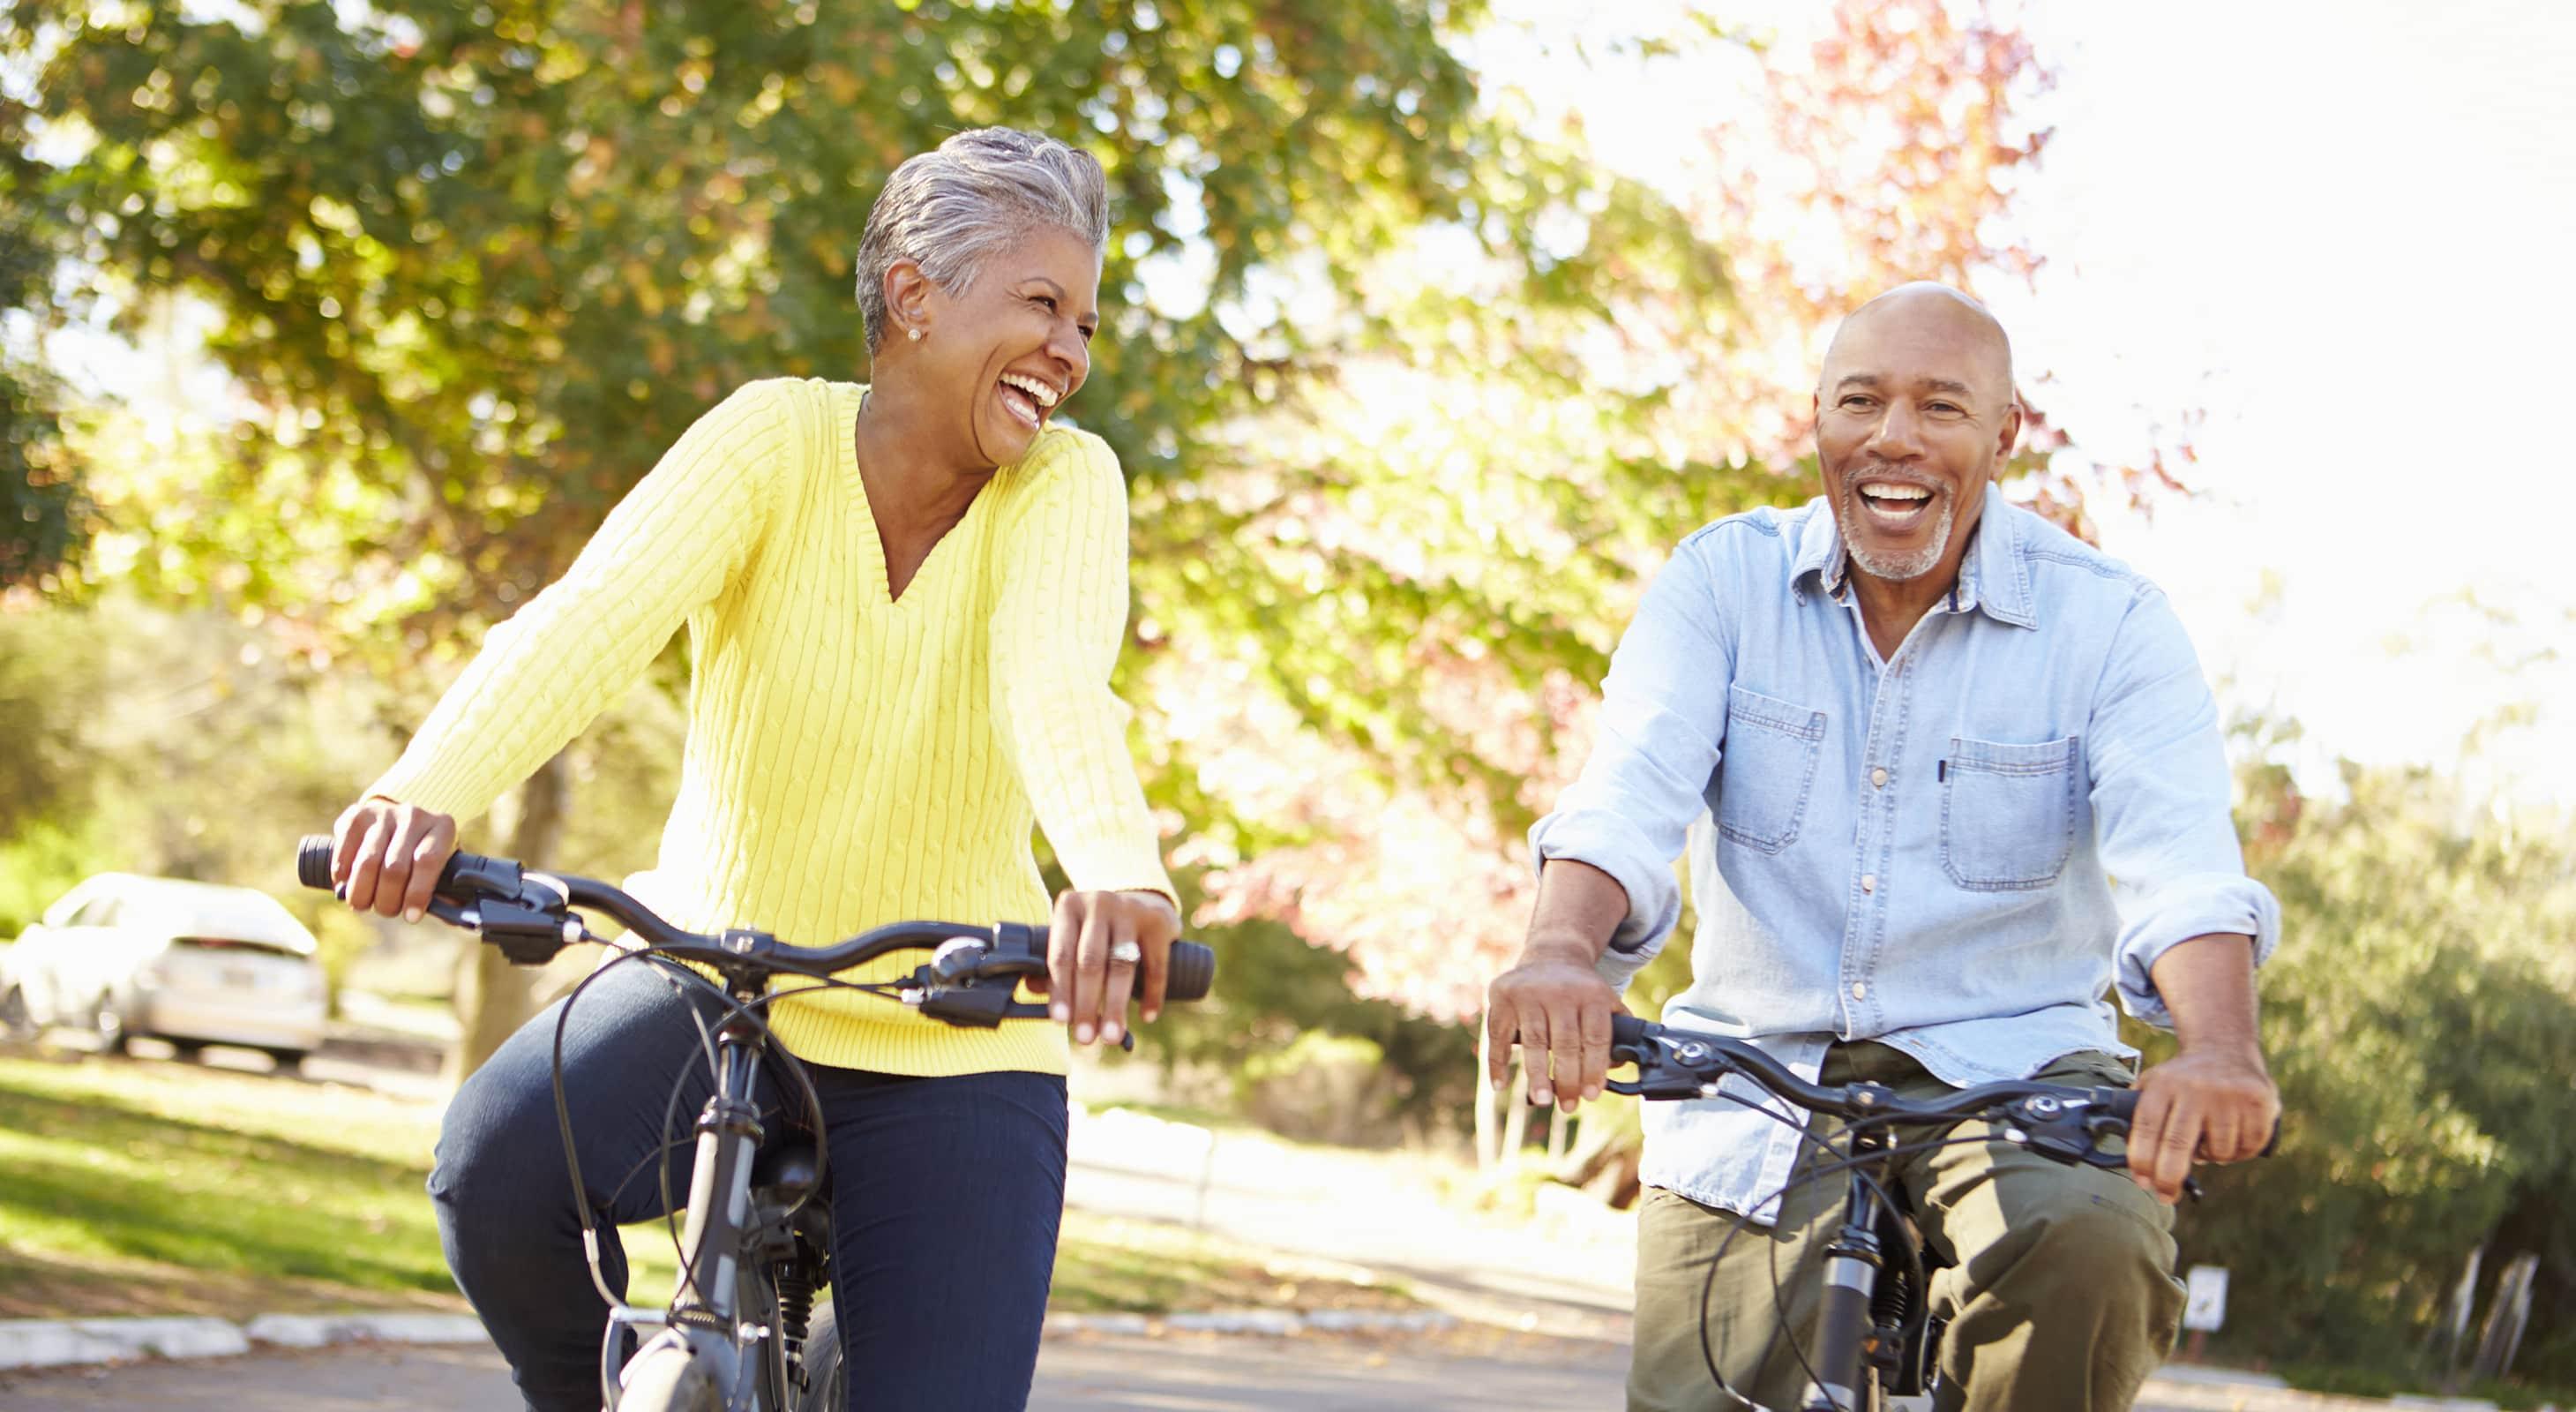 happy older couple riding bikes